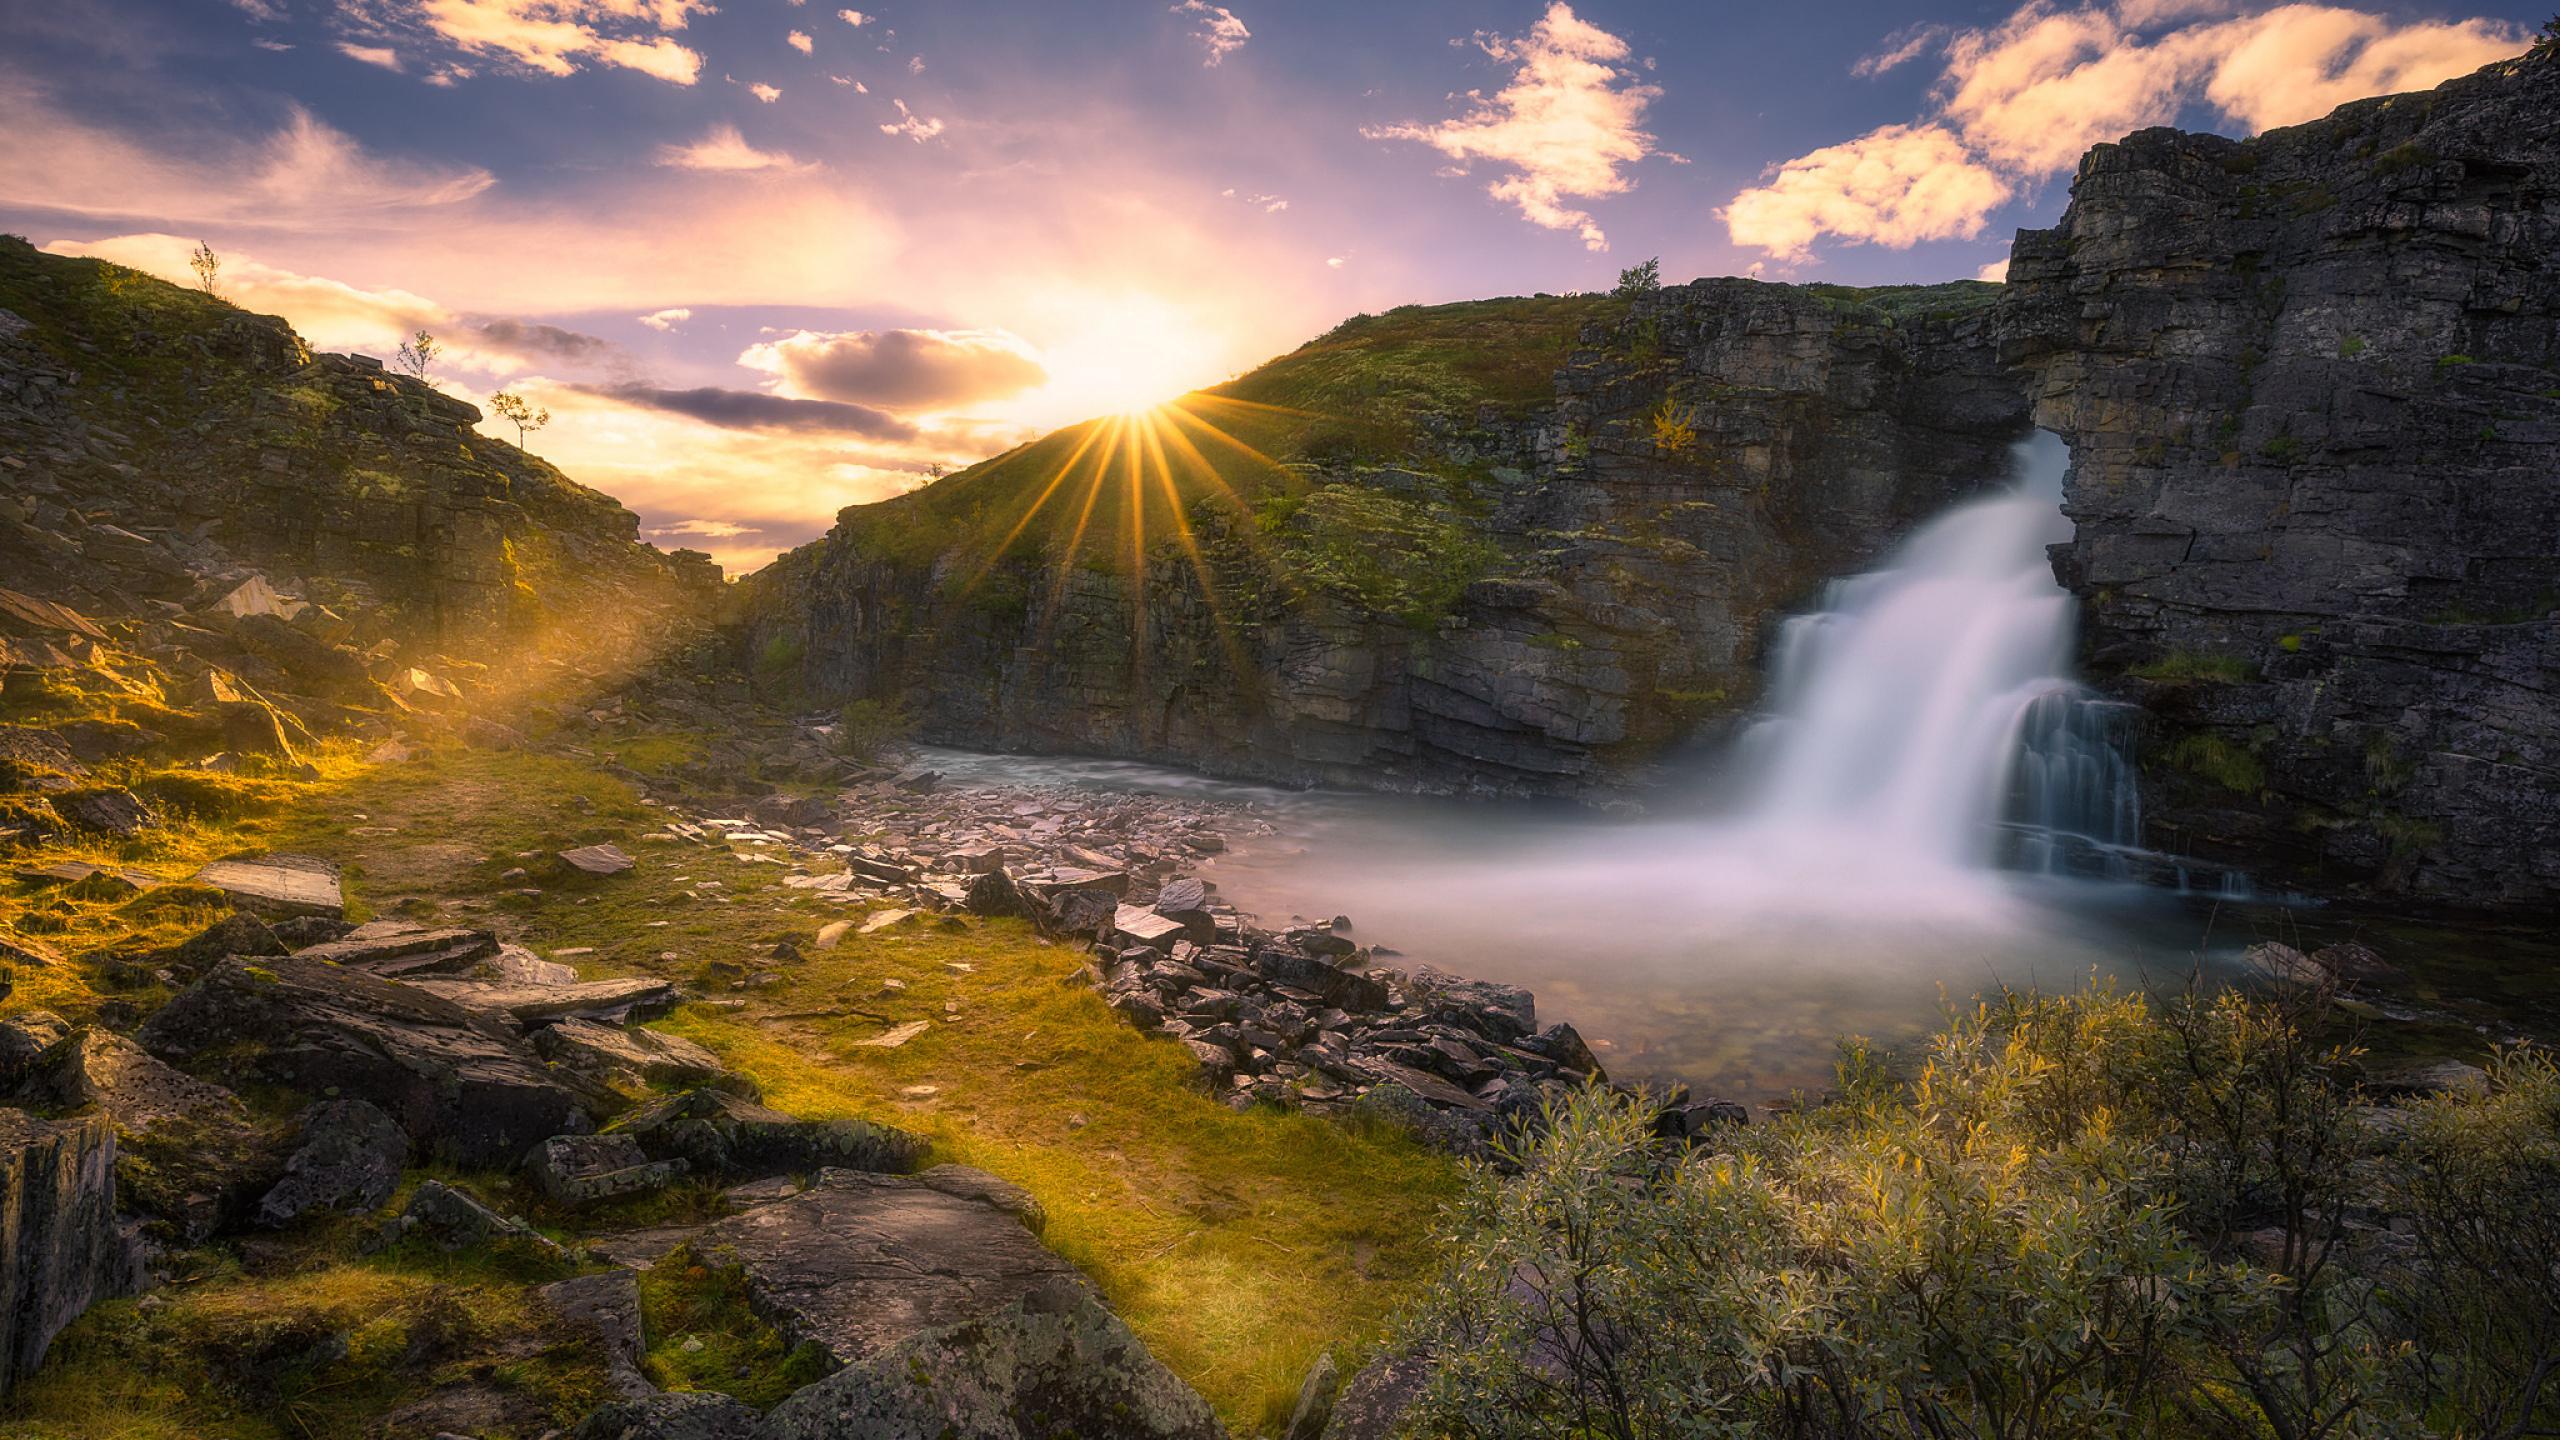 небо, горы, водопад, звезды